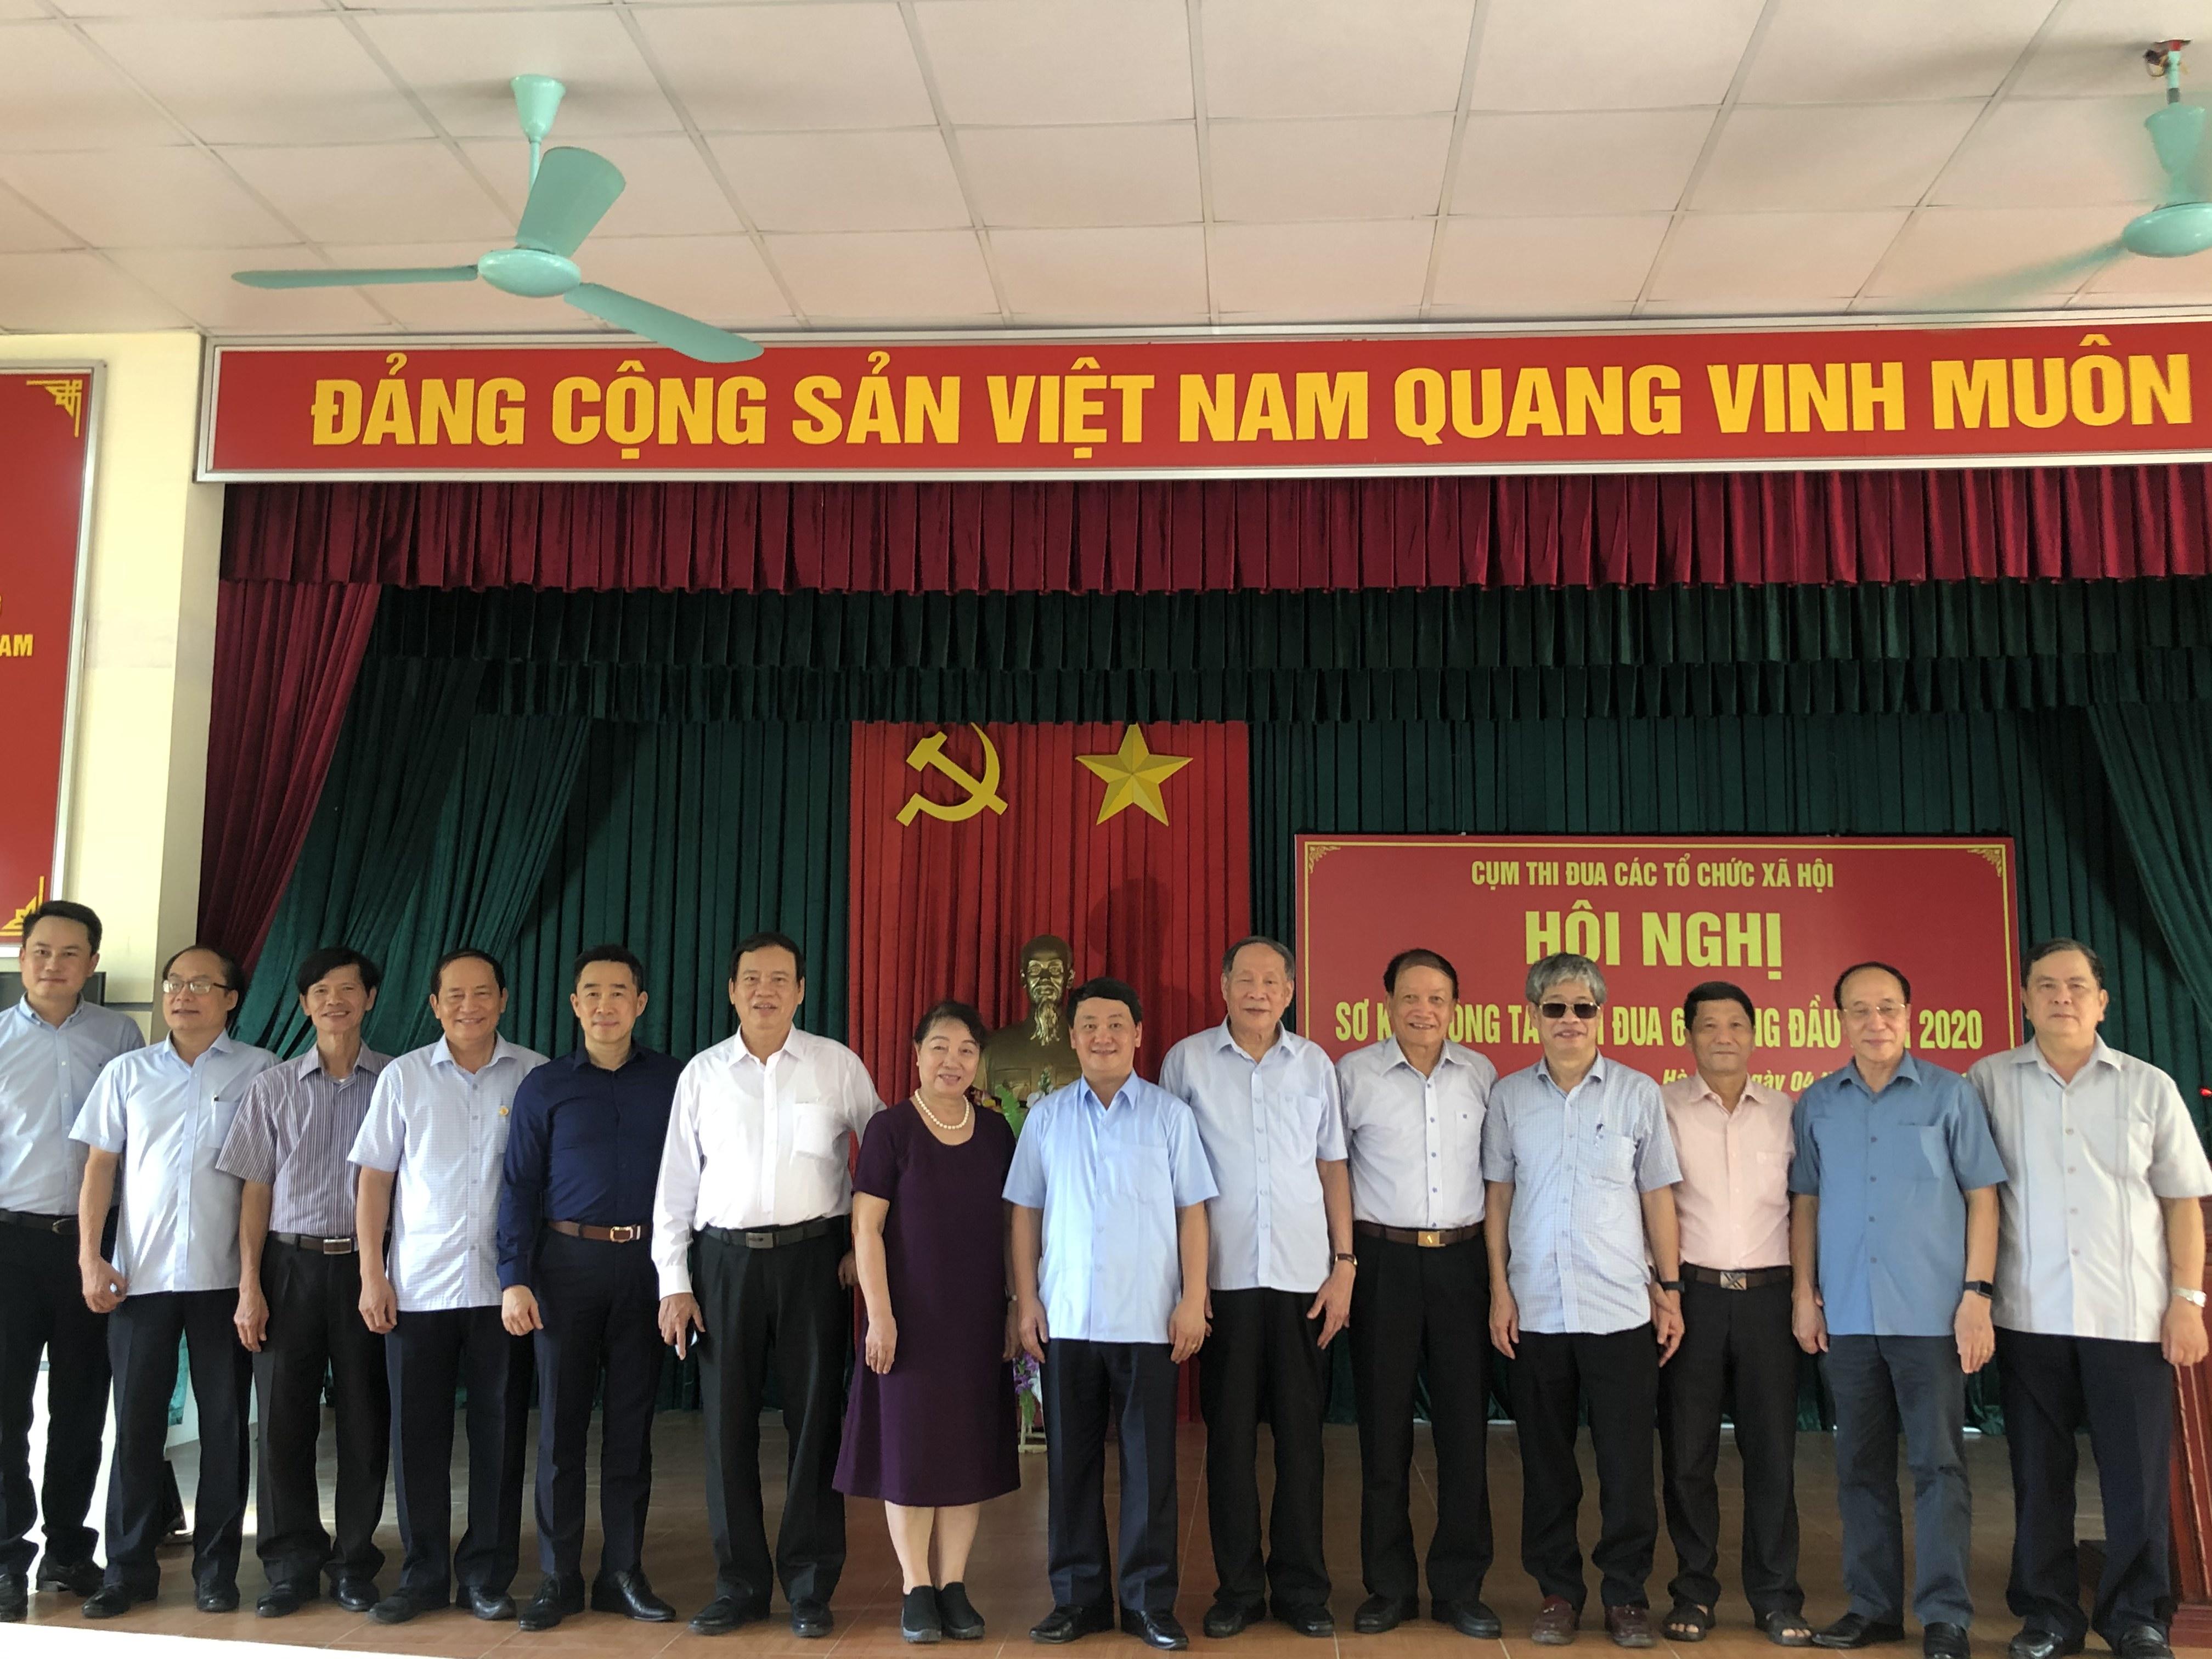 Phó Chủ tịch - Tổng Thư ký Hầu A Lềnh và các đại biểu tại hội nghị.